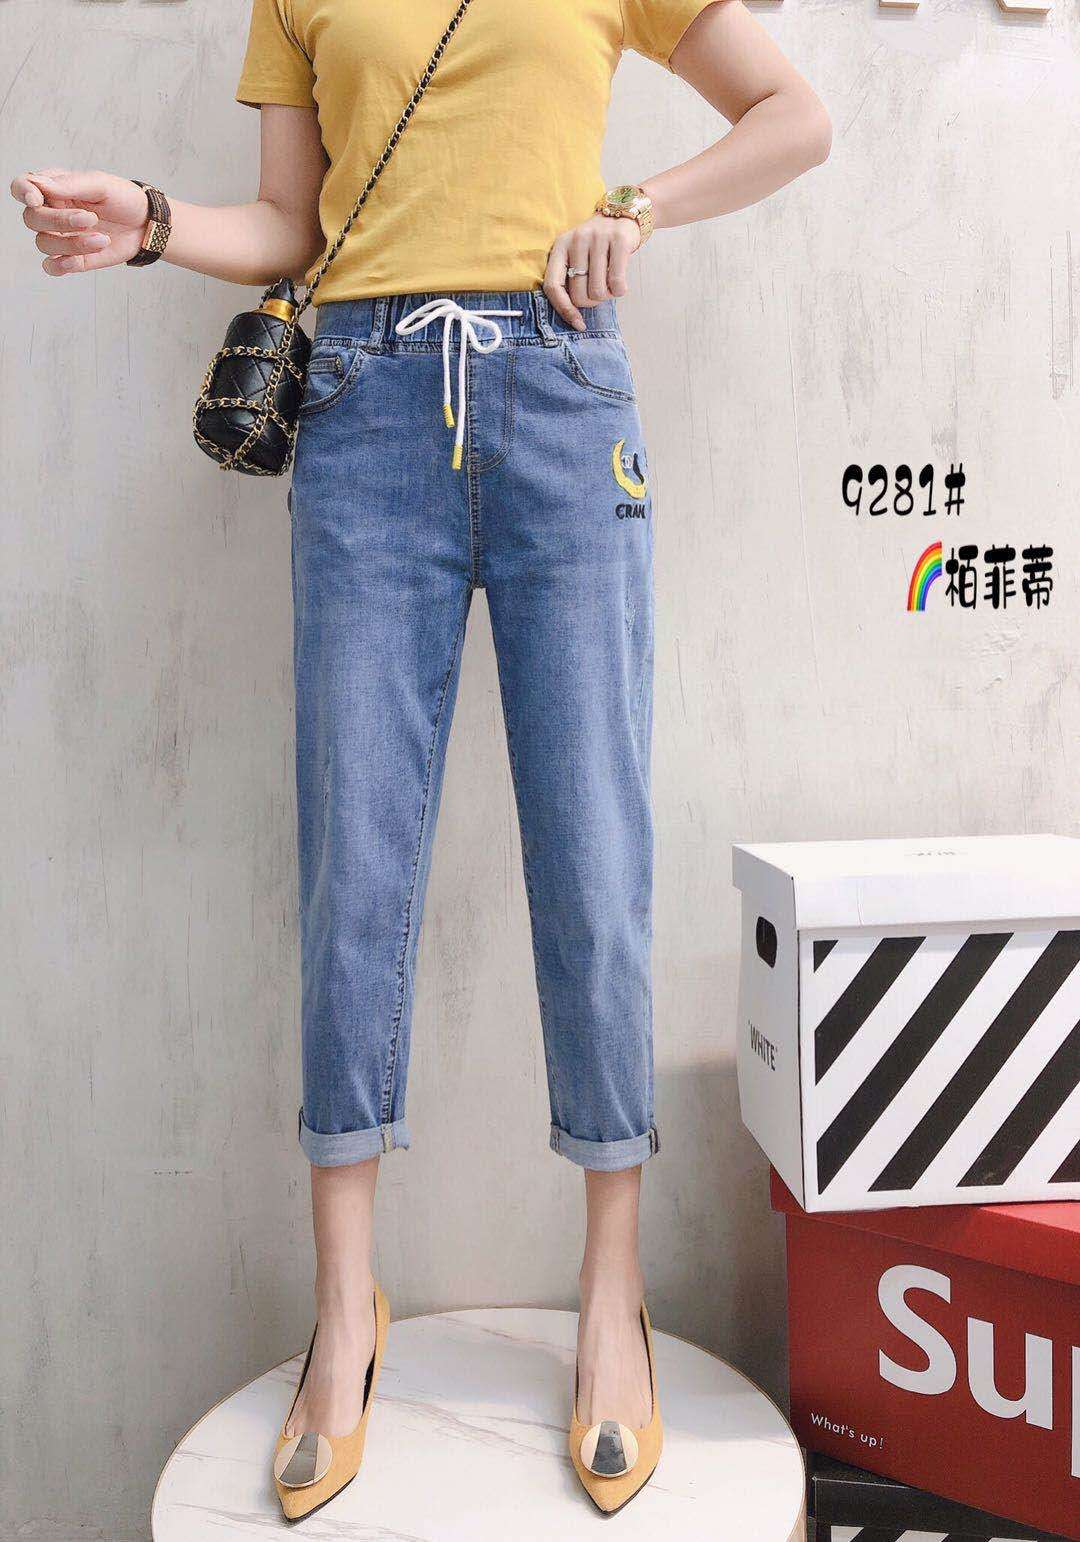 2020夏季新款大码女裤胖mm韩版宽松显瘦高腰七分牛仔裤9281